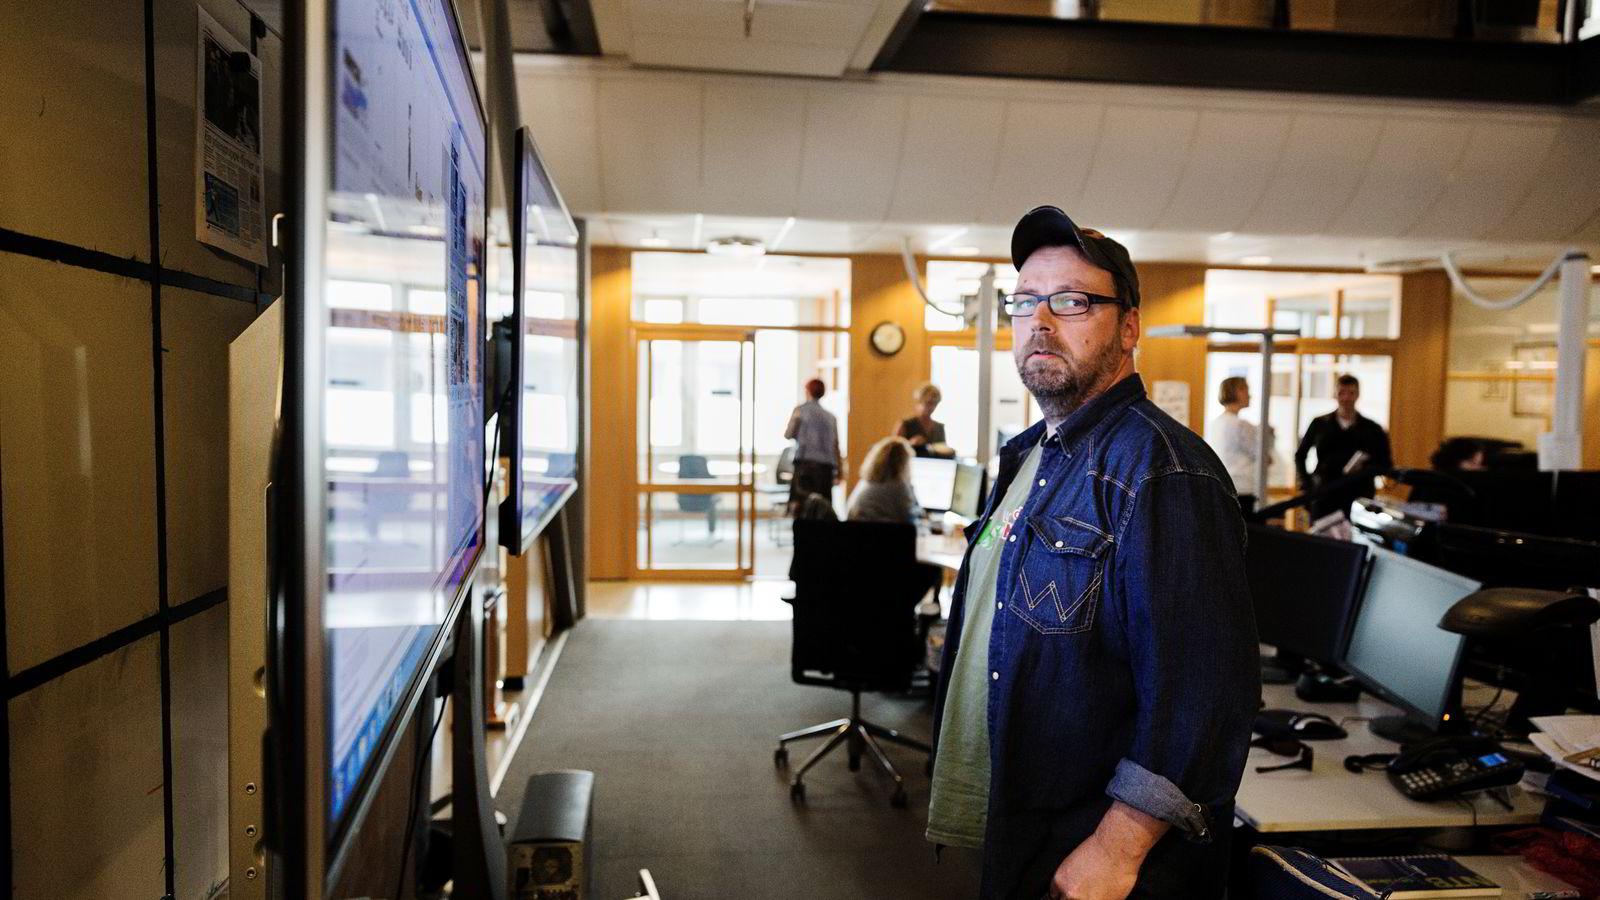 STØRRE KUTT. Klubbleder Arild R. Hansen i Drammens Tidende viser til at mange stillinger står ubesatt. Foto: Per Thrana.